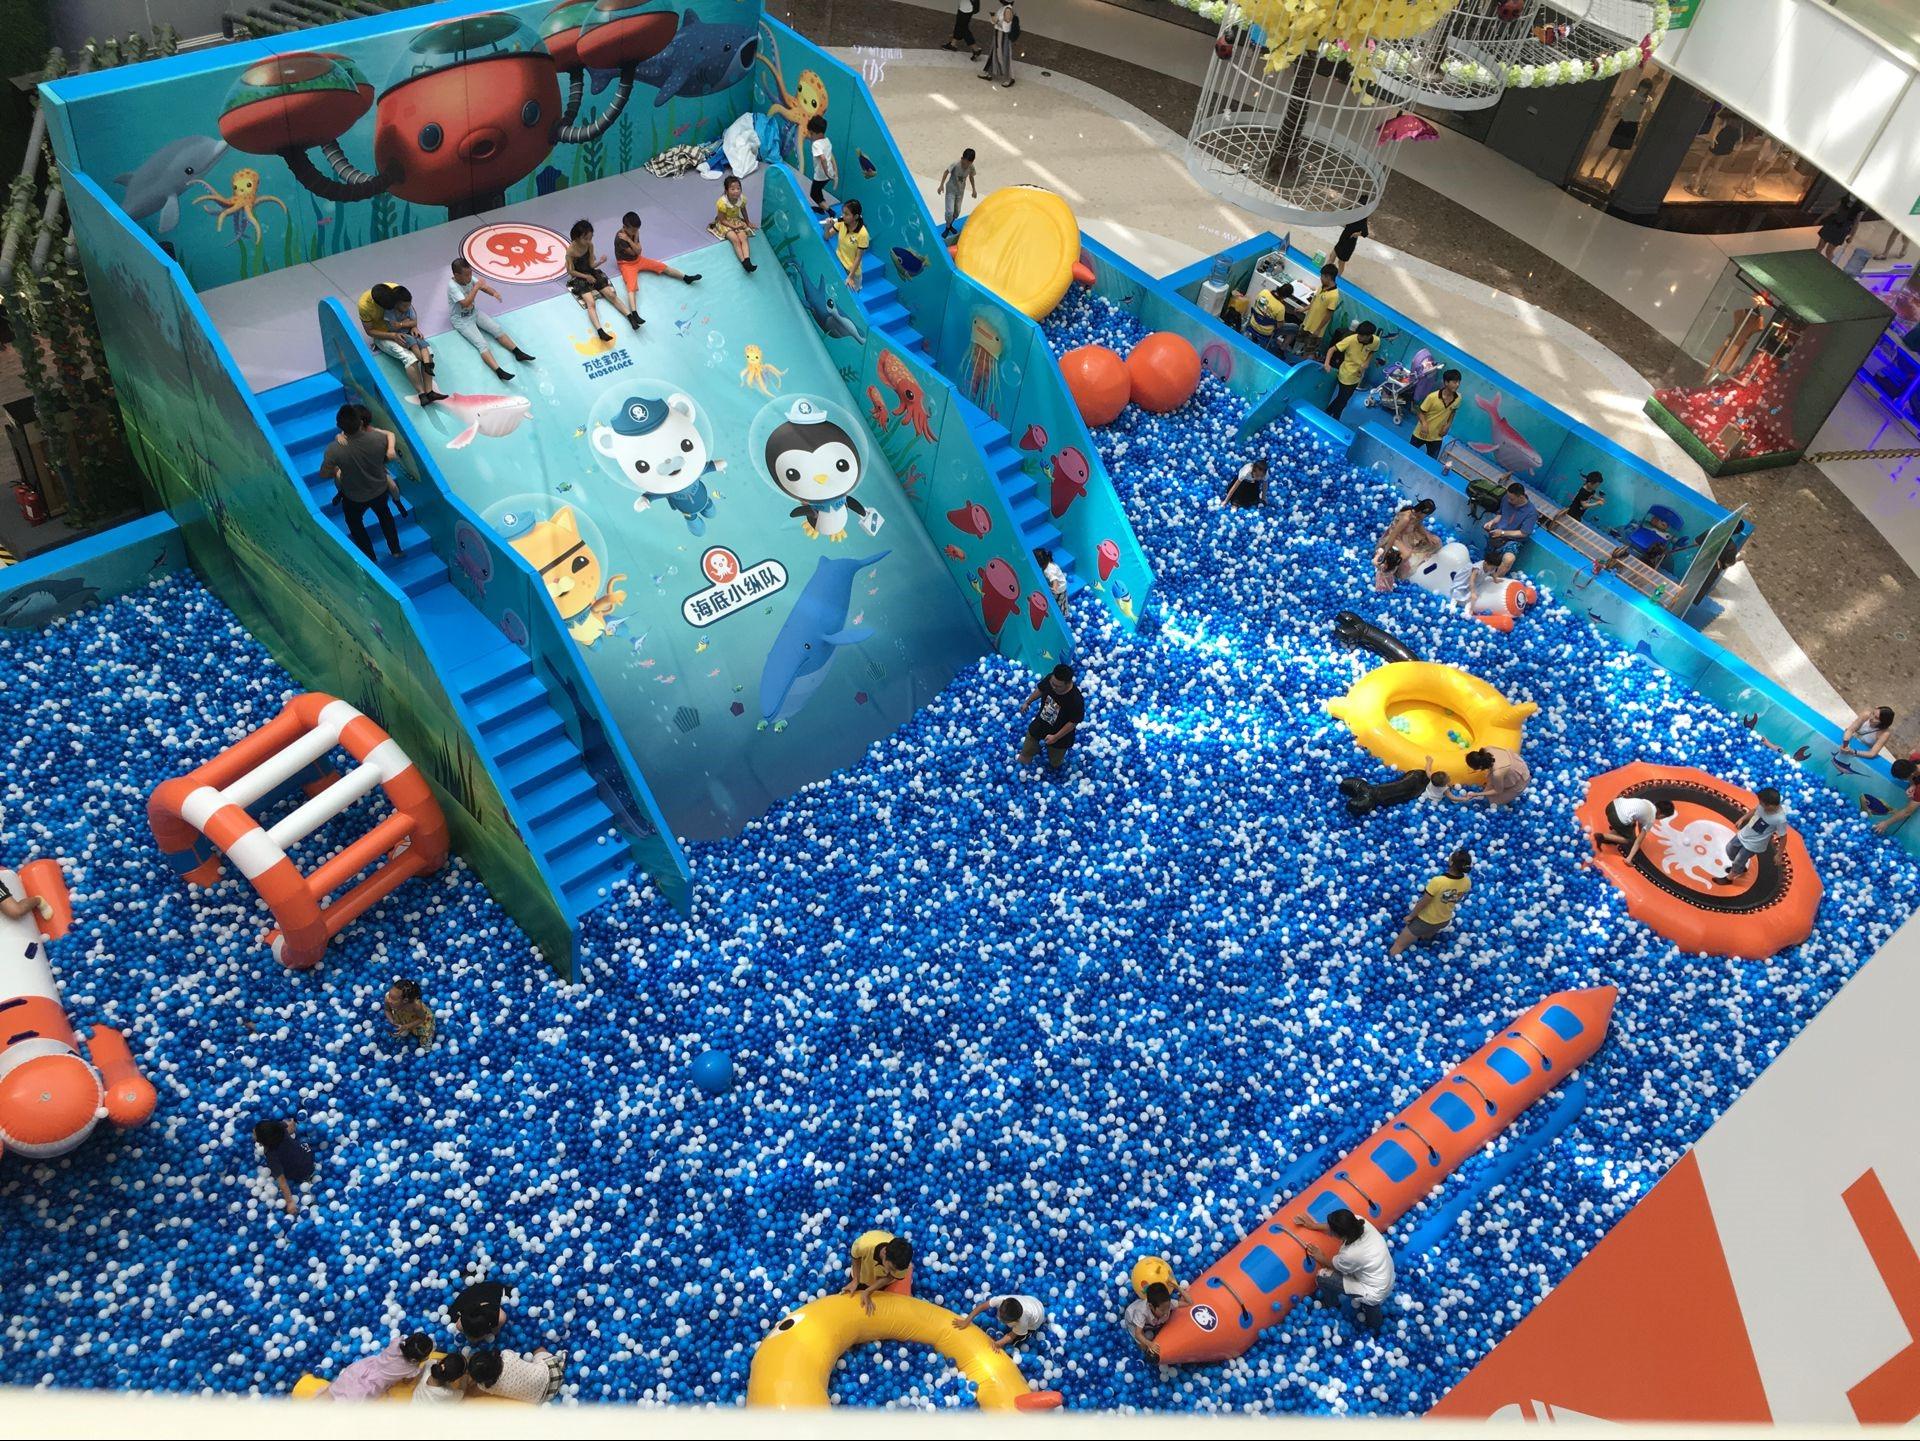 淘气堡厂家 百万海洋球池 大滑梯,合肥室内儿童乐园,超级大蹦床儿童